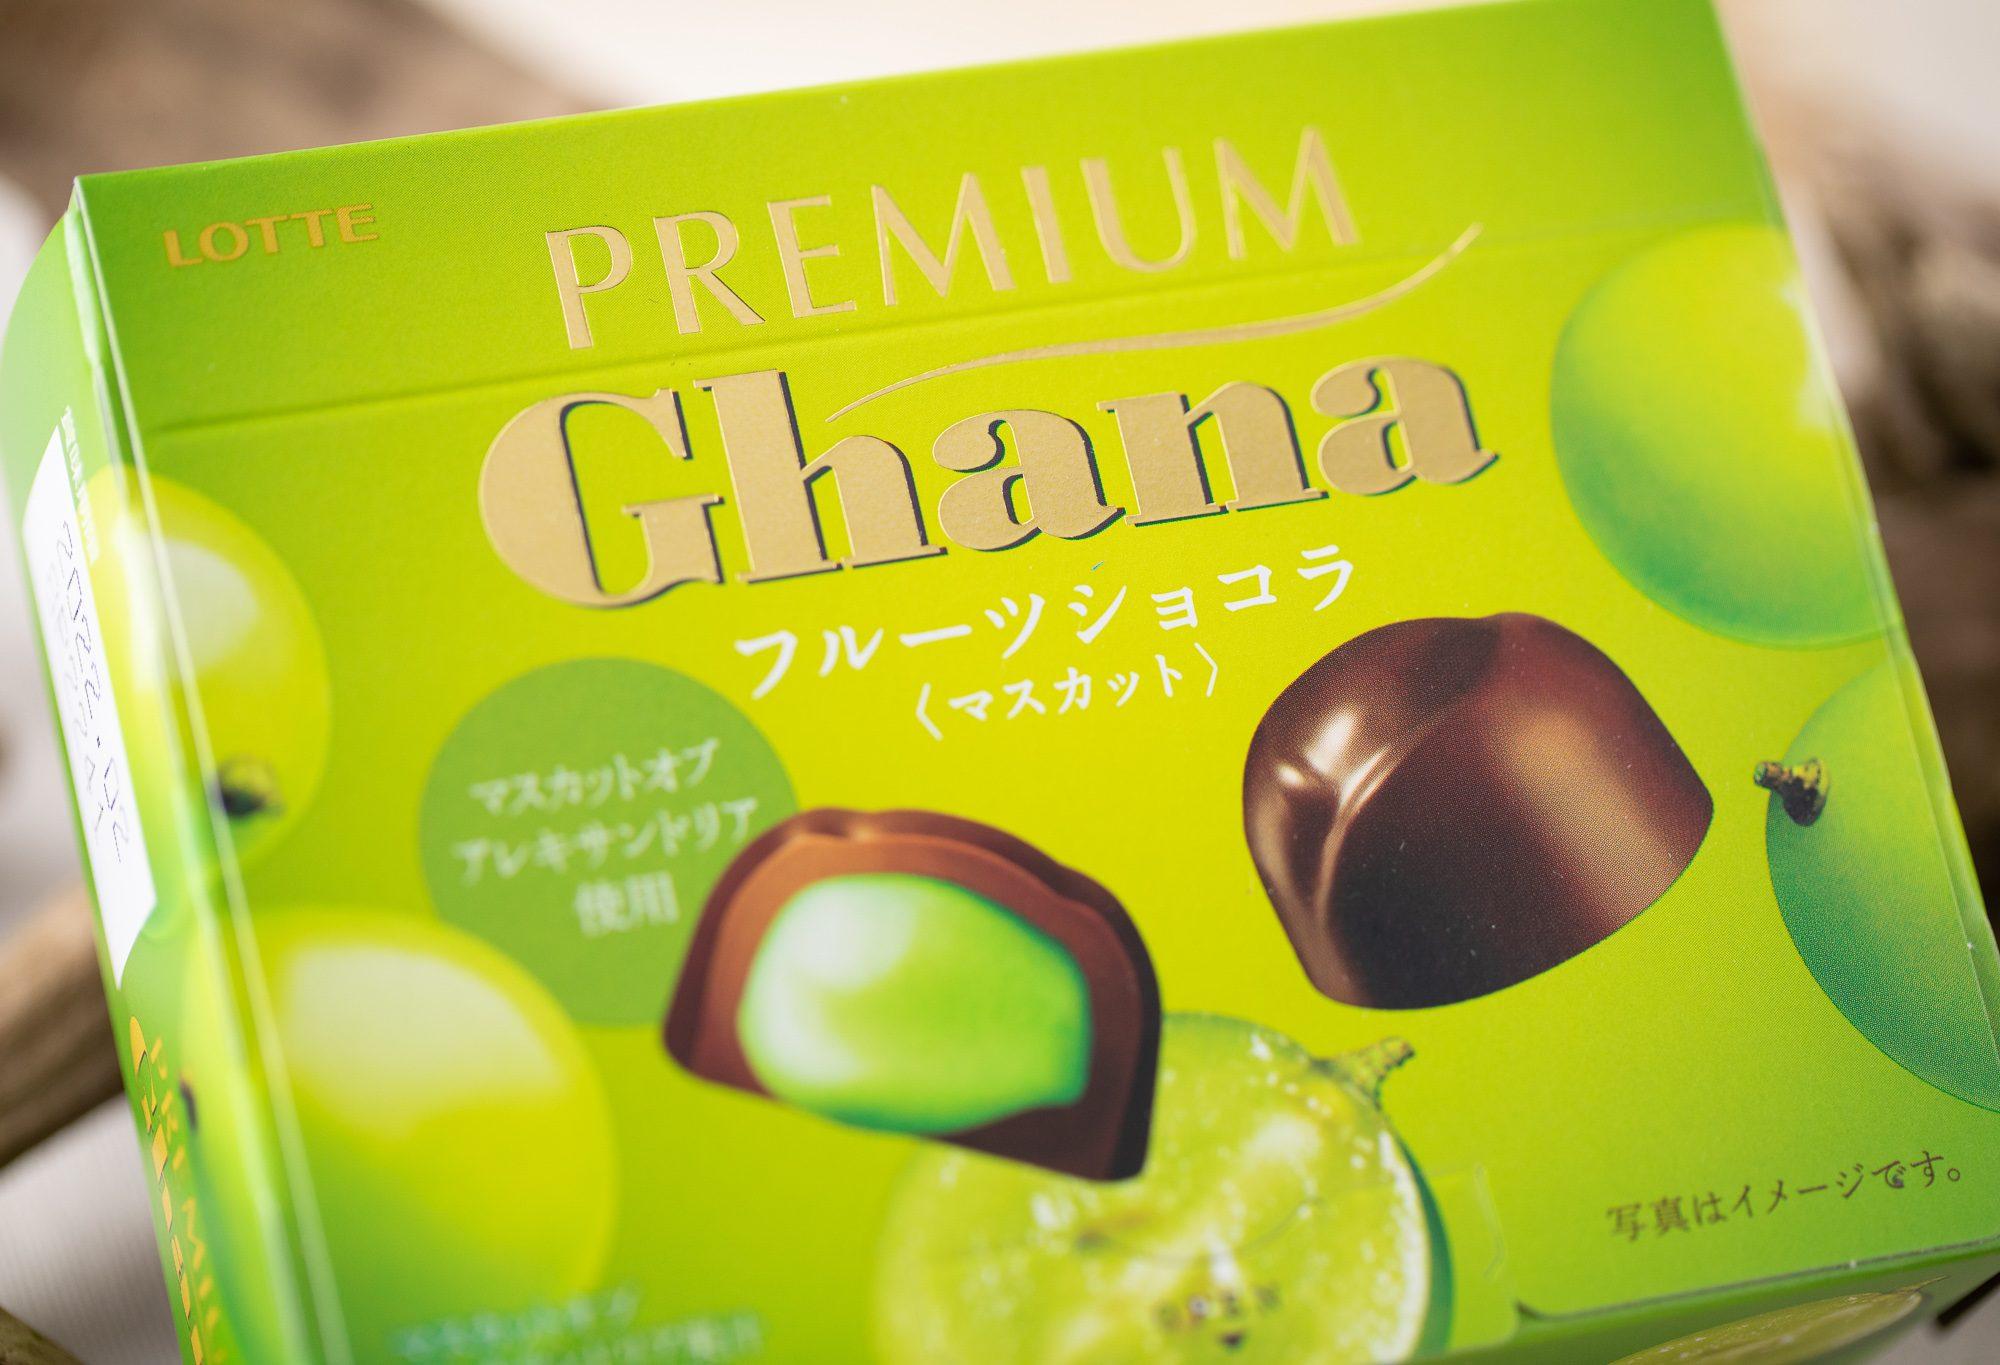 ロッテ『プレミアムガーナ フルーツショコラ<マスカット>』はとろっとなめらかなマスカットとホワイトチョコのソースに衝撃を受ける、宝石のようなチョコレート!